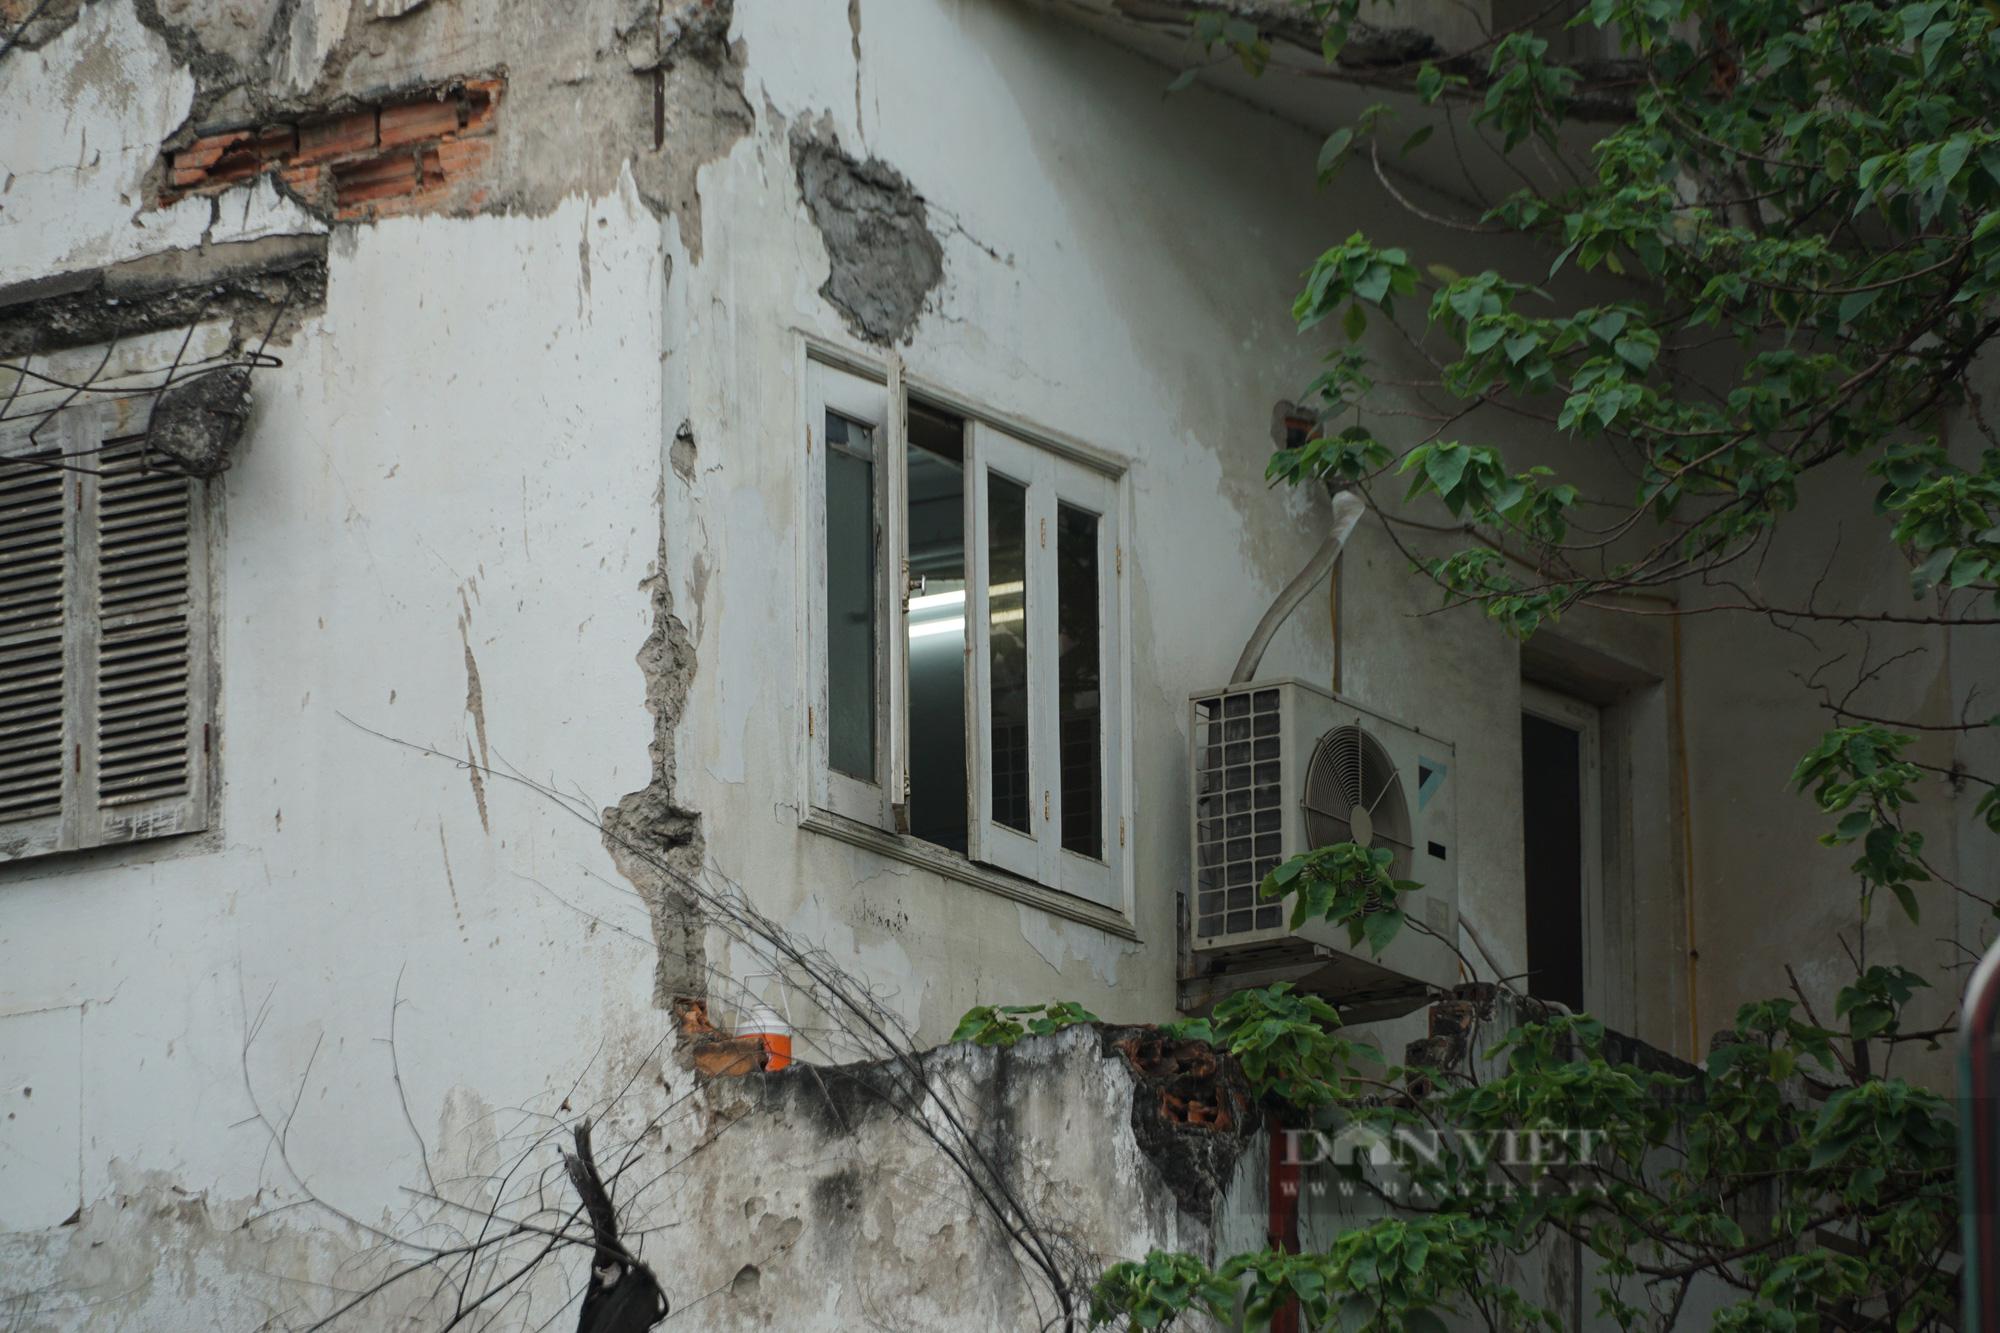 Lợi dụng quy định đền bù mới, căn hộ cũ nát được 'thổi' giá tới 50 triệu đồng/m2 - Ảnh 1.